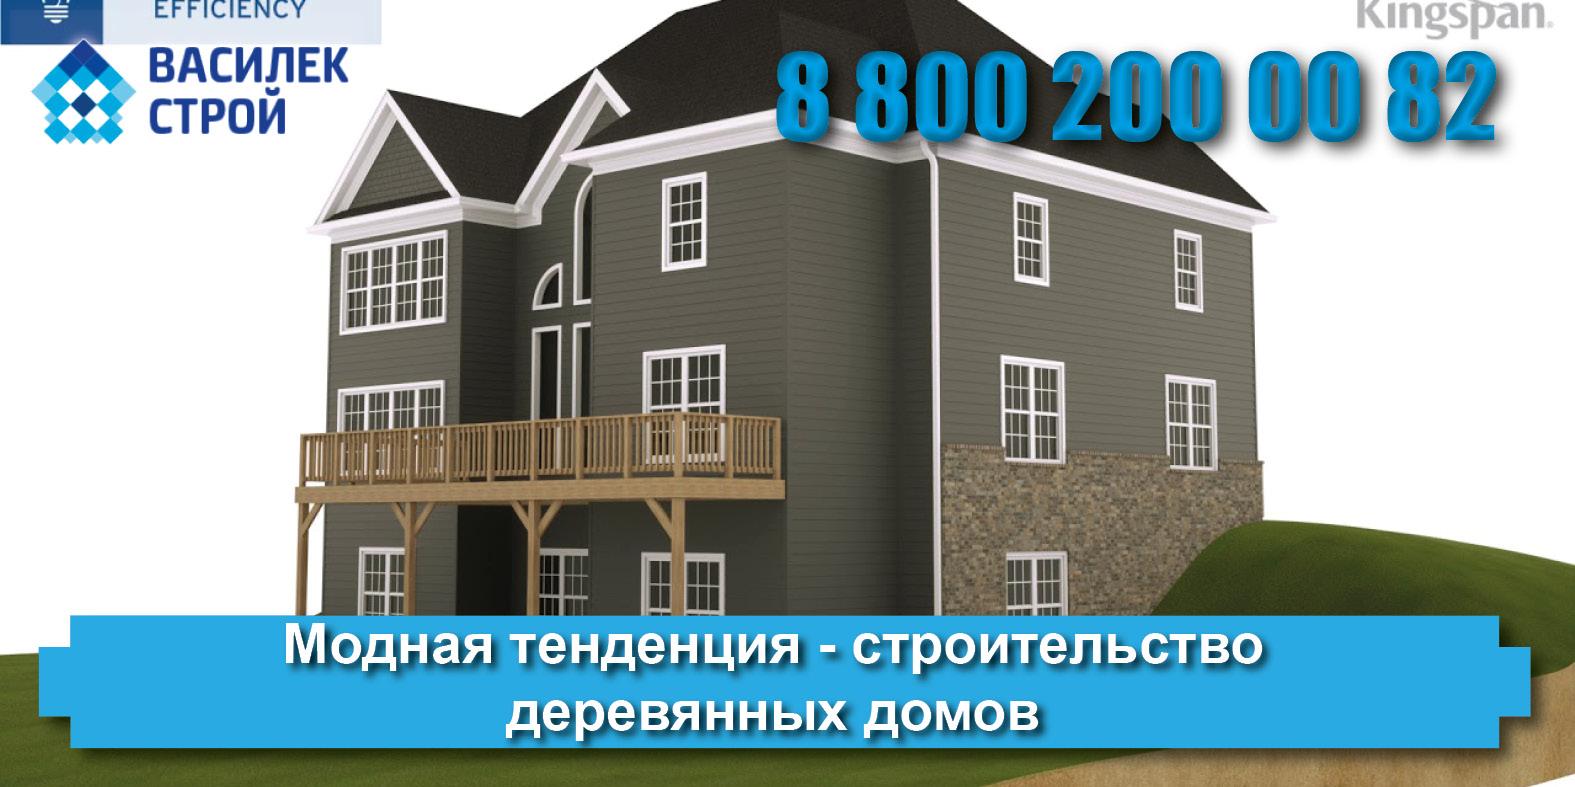 Современное строительство деревянных домов и бани из бруса можно вести самостоятельно если купить готовый сруб для дома из бруса: строим дом из бруса своими руками